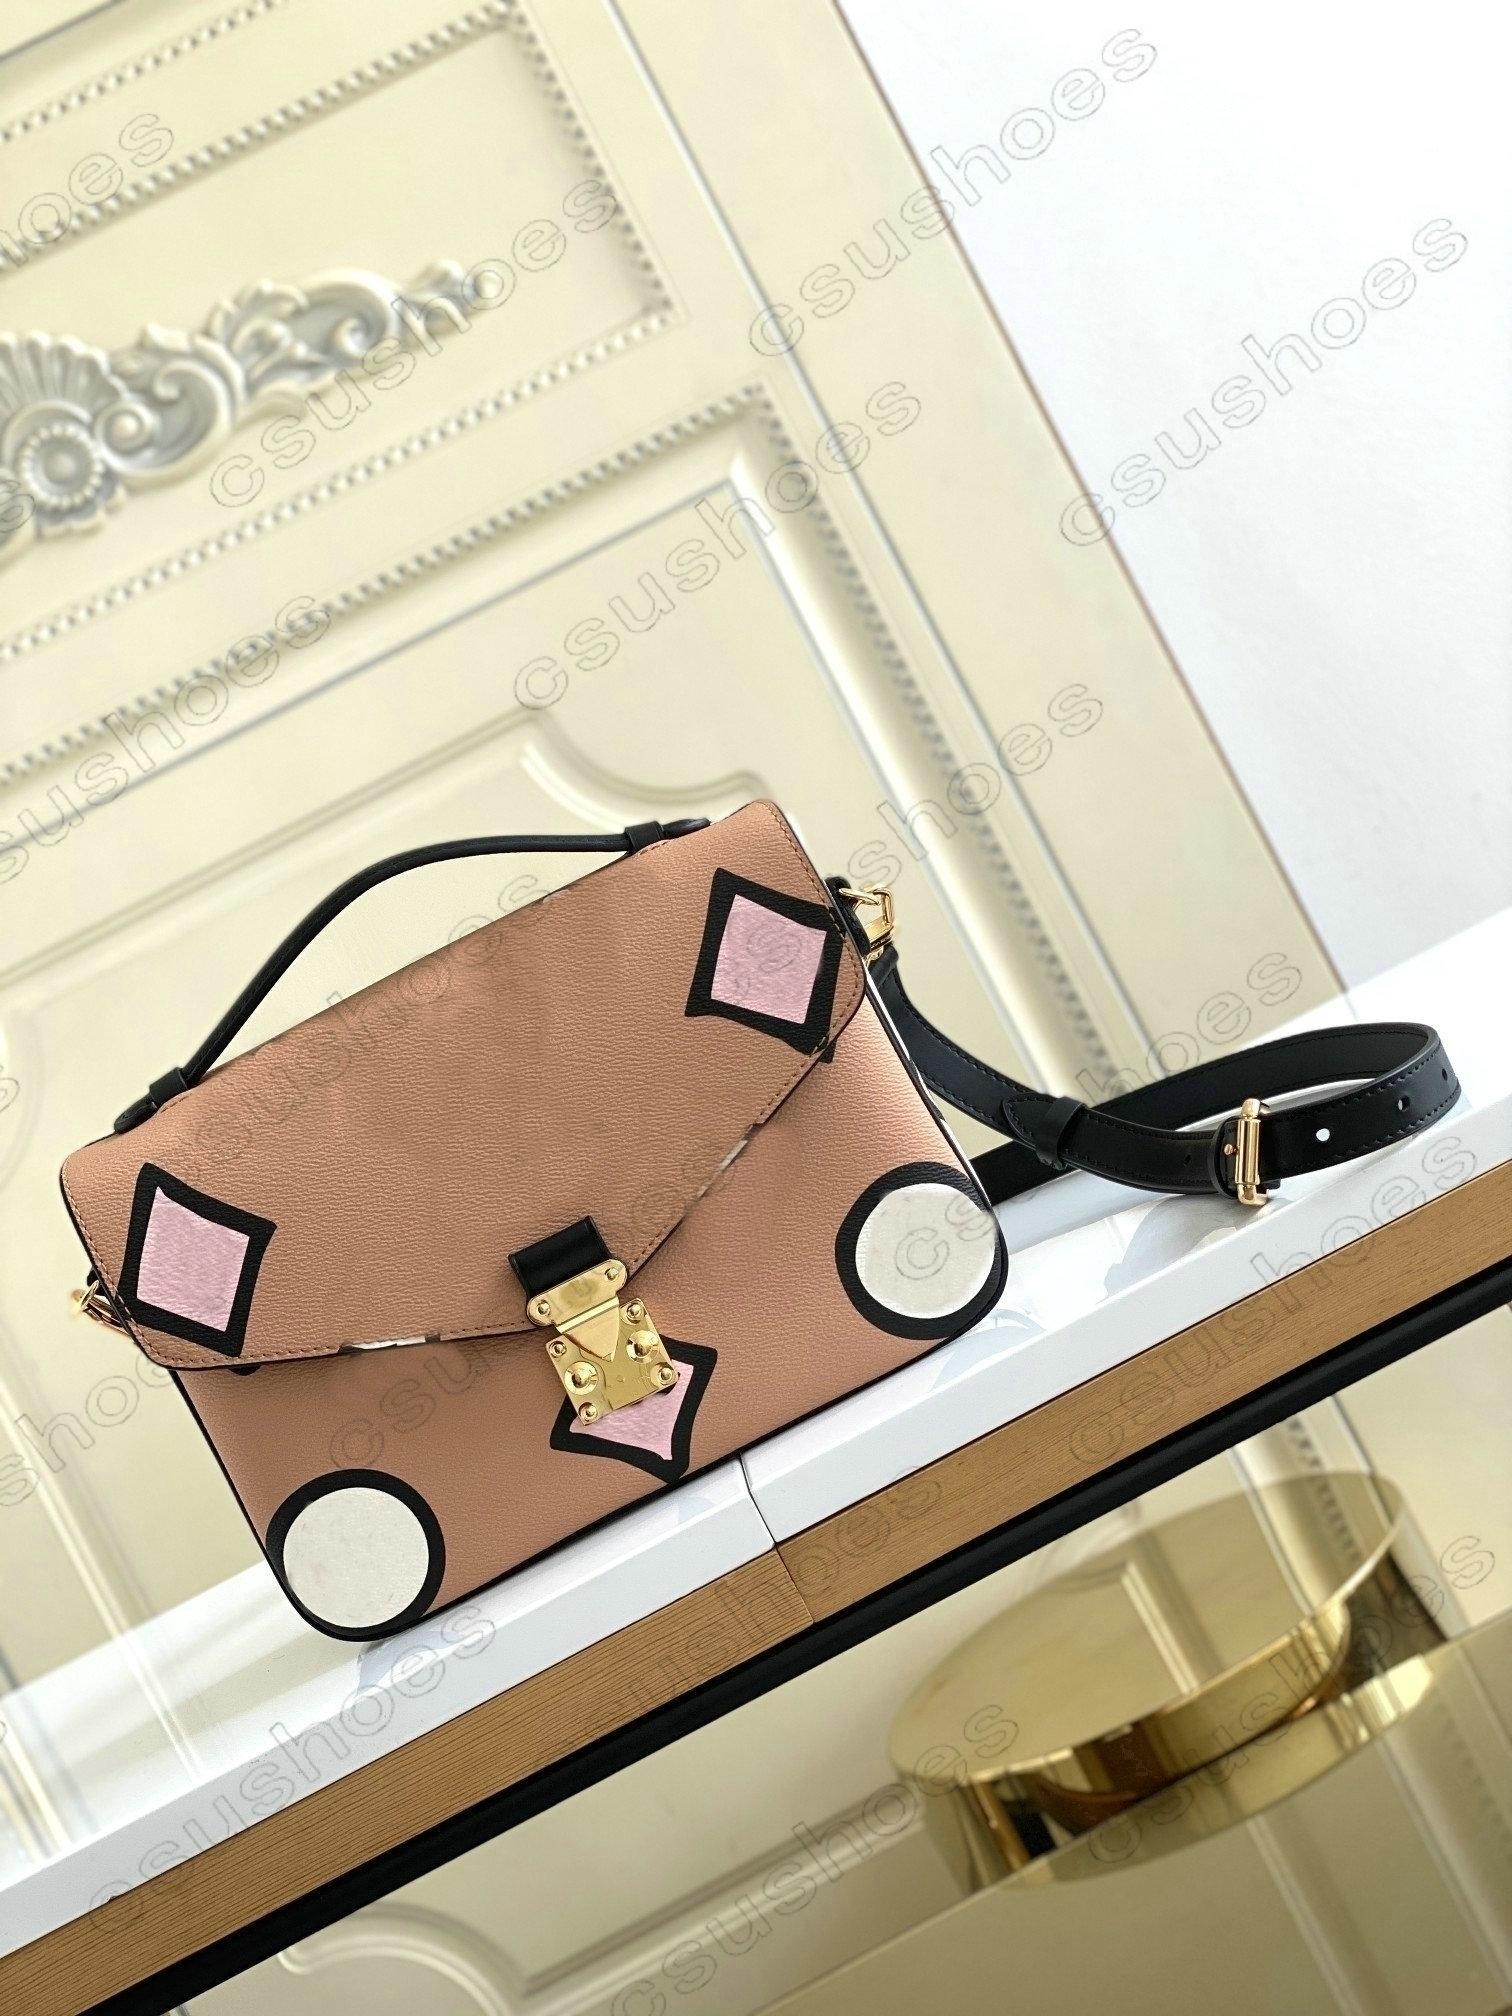 Женские Pochette Métis Bag Crossbody Messenger Дизайнерские Сумки на плечо Сумки Подгоняки Lady Metis Служба Сумки Значок M40780 M44876